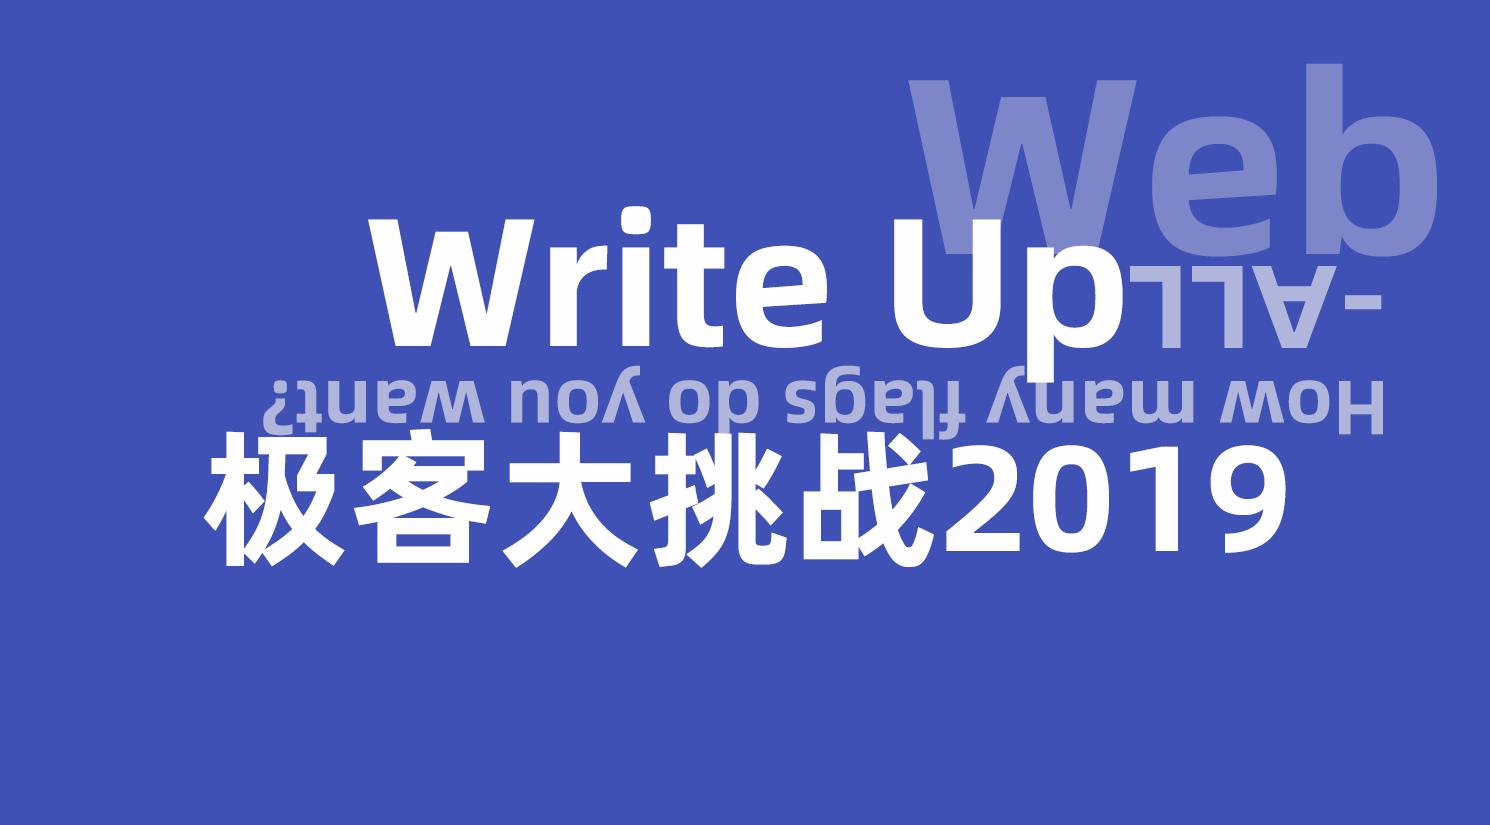 极客大挑战2019 WriteUp